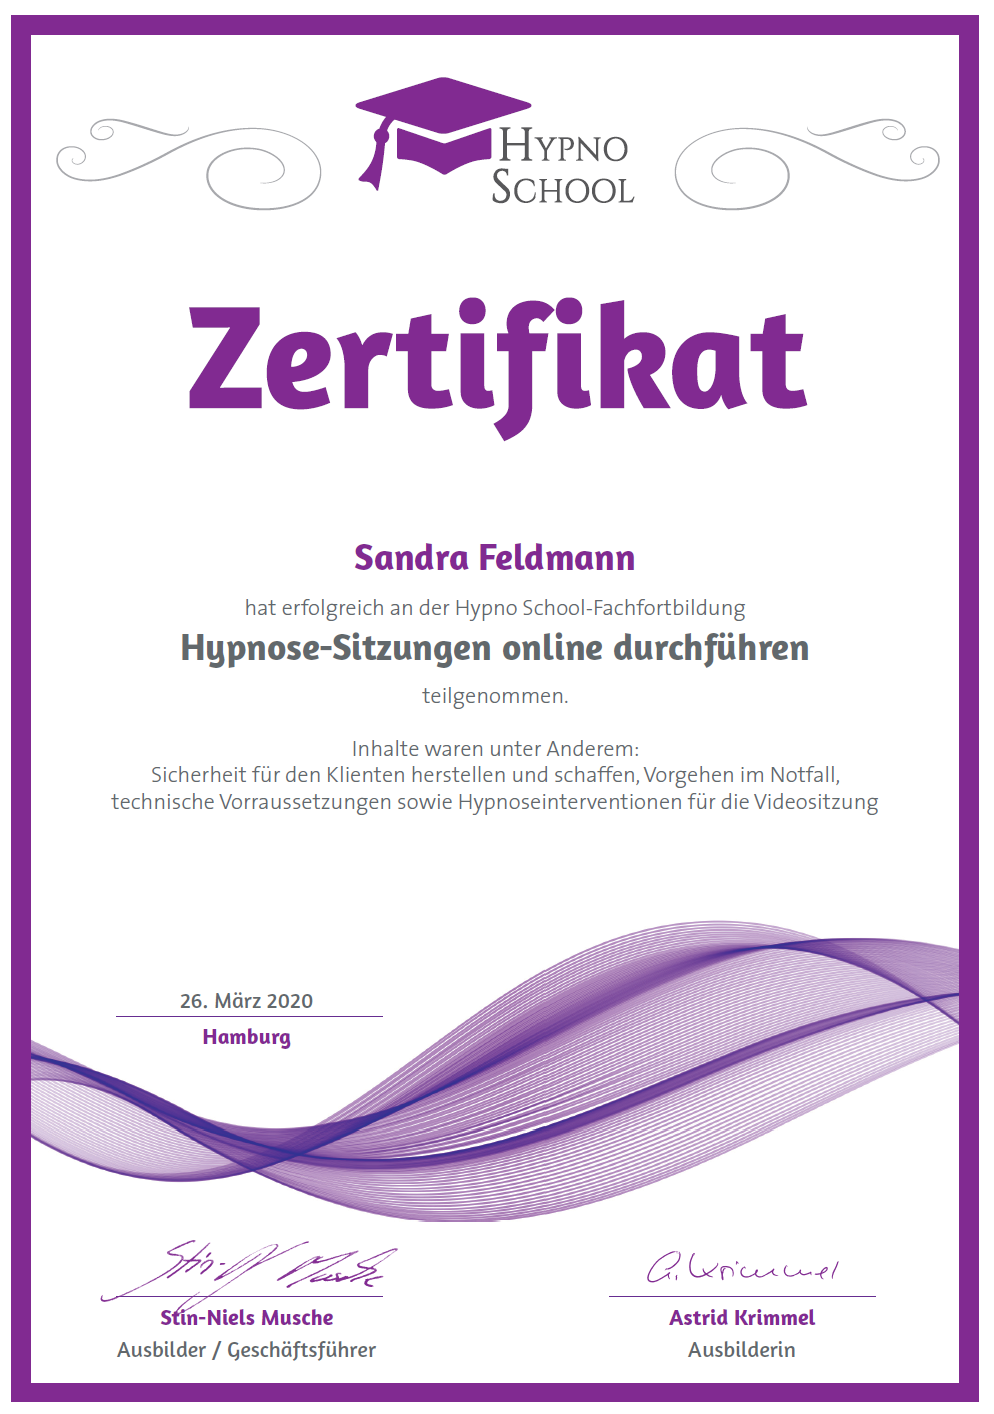 Hypnossitzungen online durchführen, HypnoSchool Hamburg